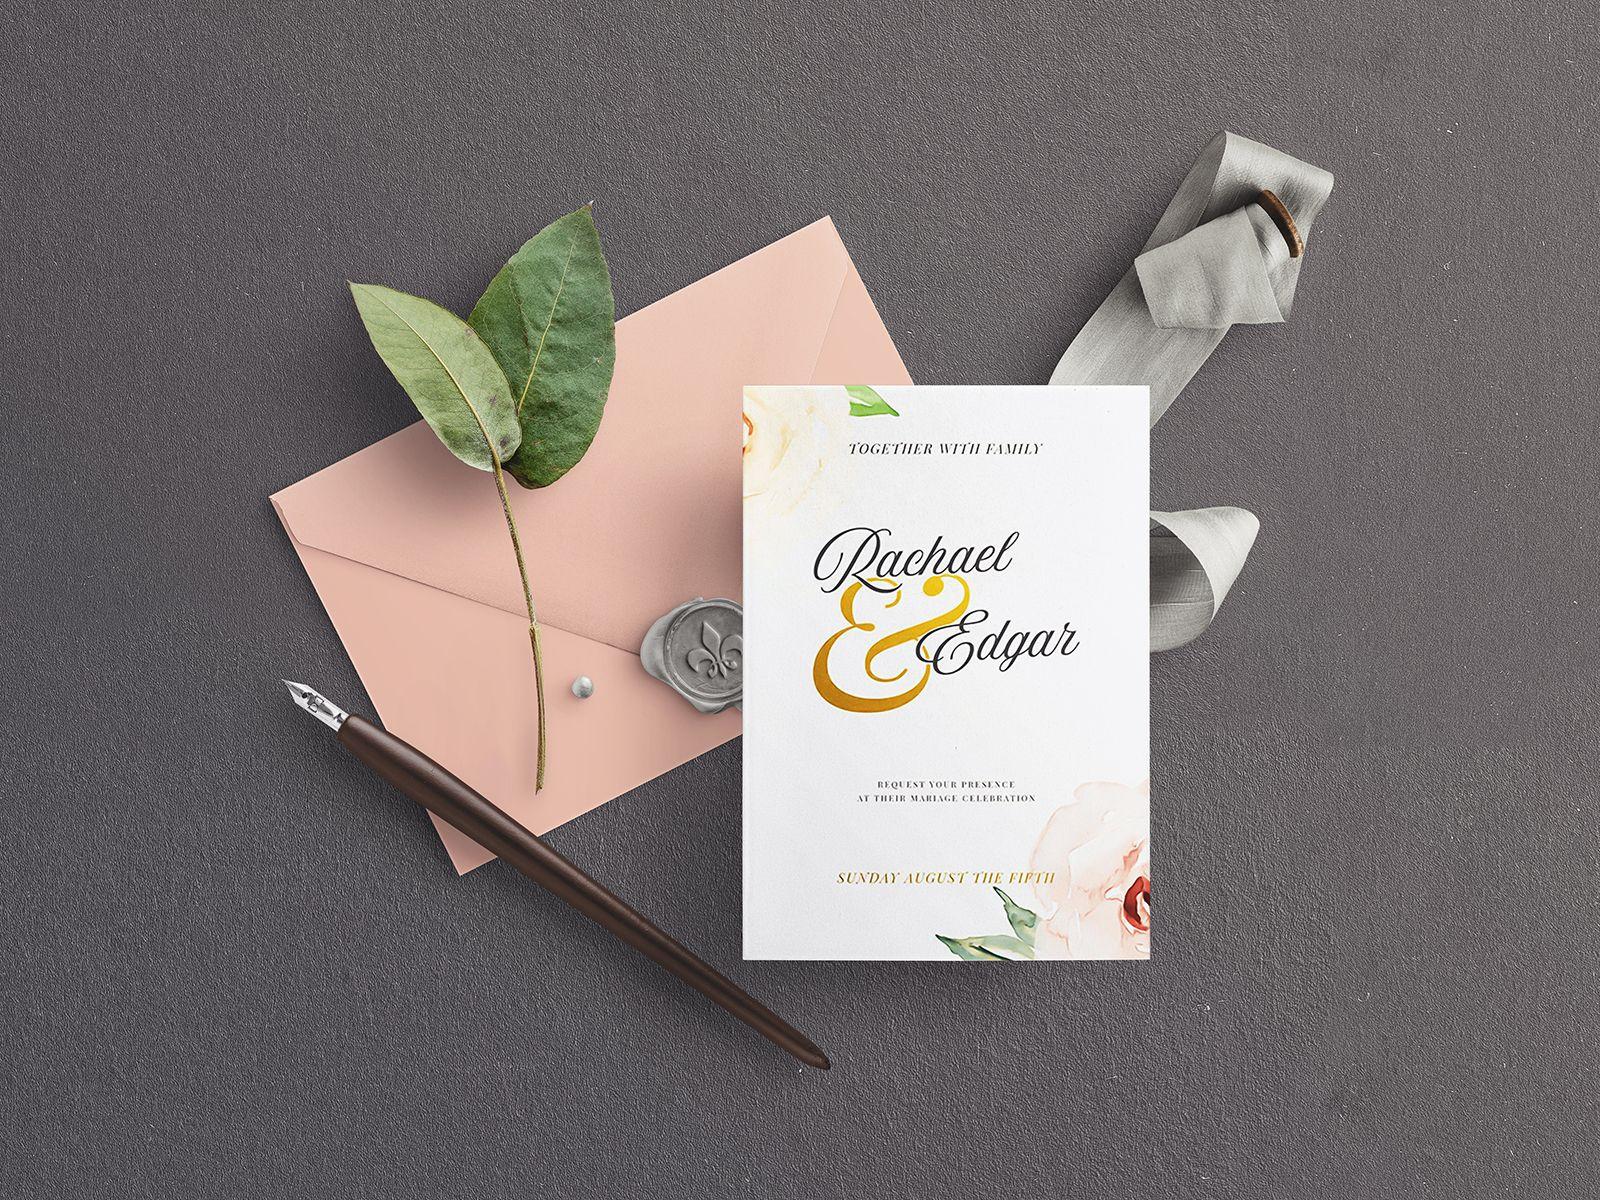 Freebie Wedding Stationery Mockup Set With Images Stationery